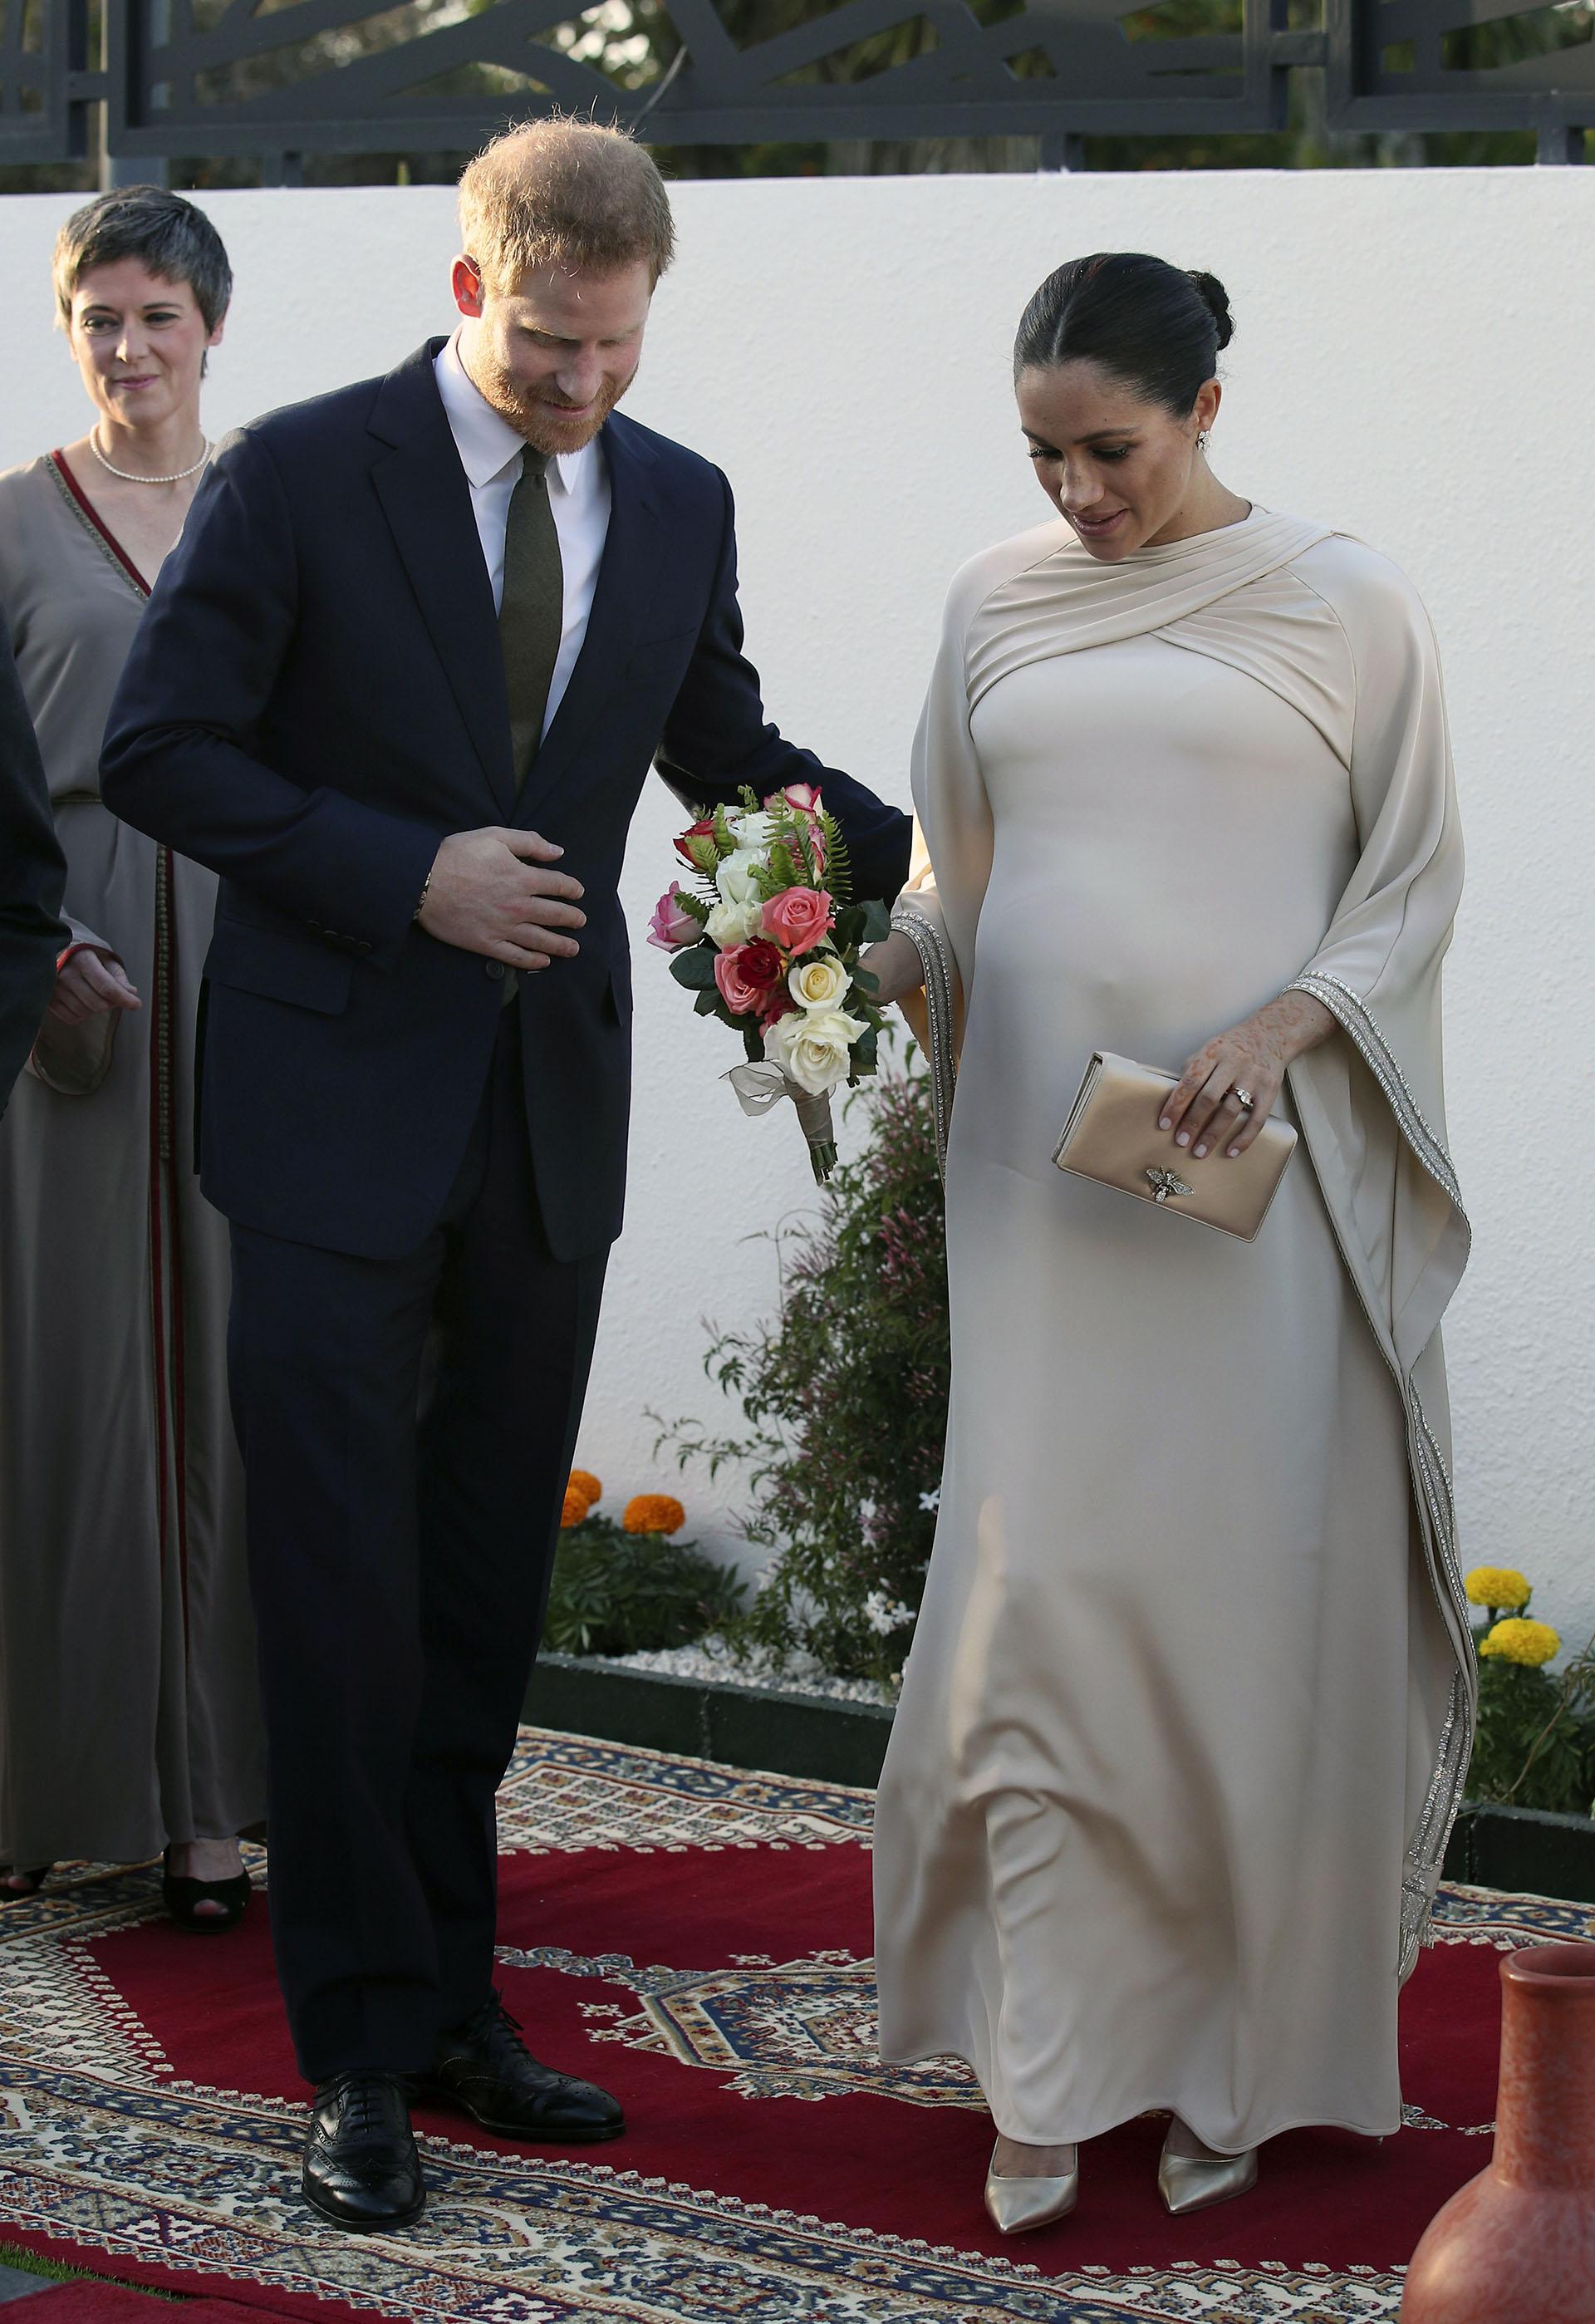 La duquesa de Sussexpresumió otro look glamoroso para una recepción en la alfombra roja organizada por el Embajador británico en Marruecos. Meghan llevaba un vestido con capa a medida de Dior, además de unsobre de oro a juego del mismo diseñador (AP)